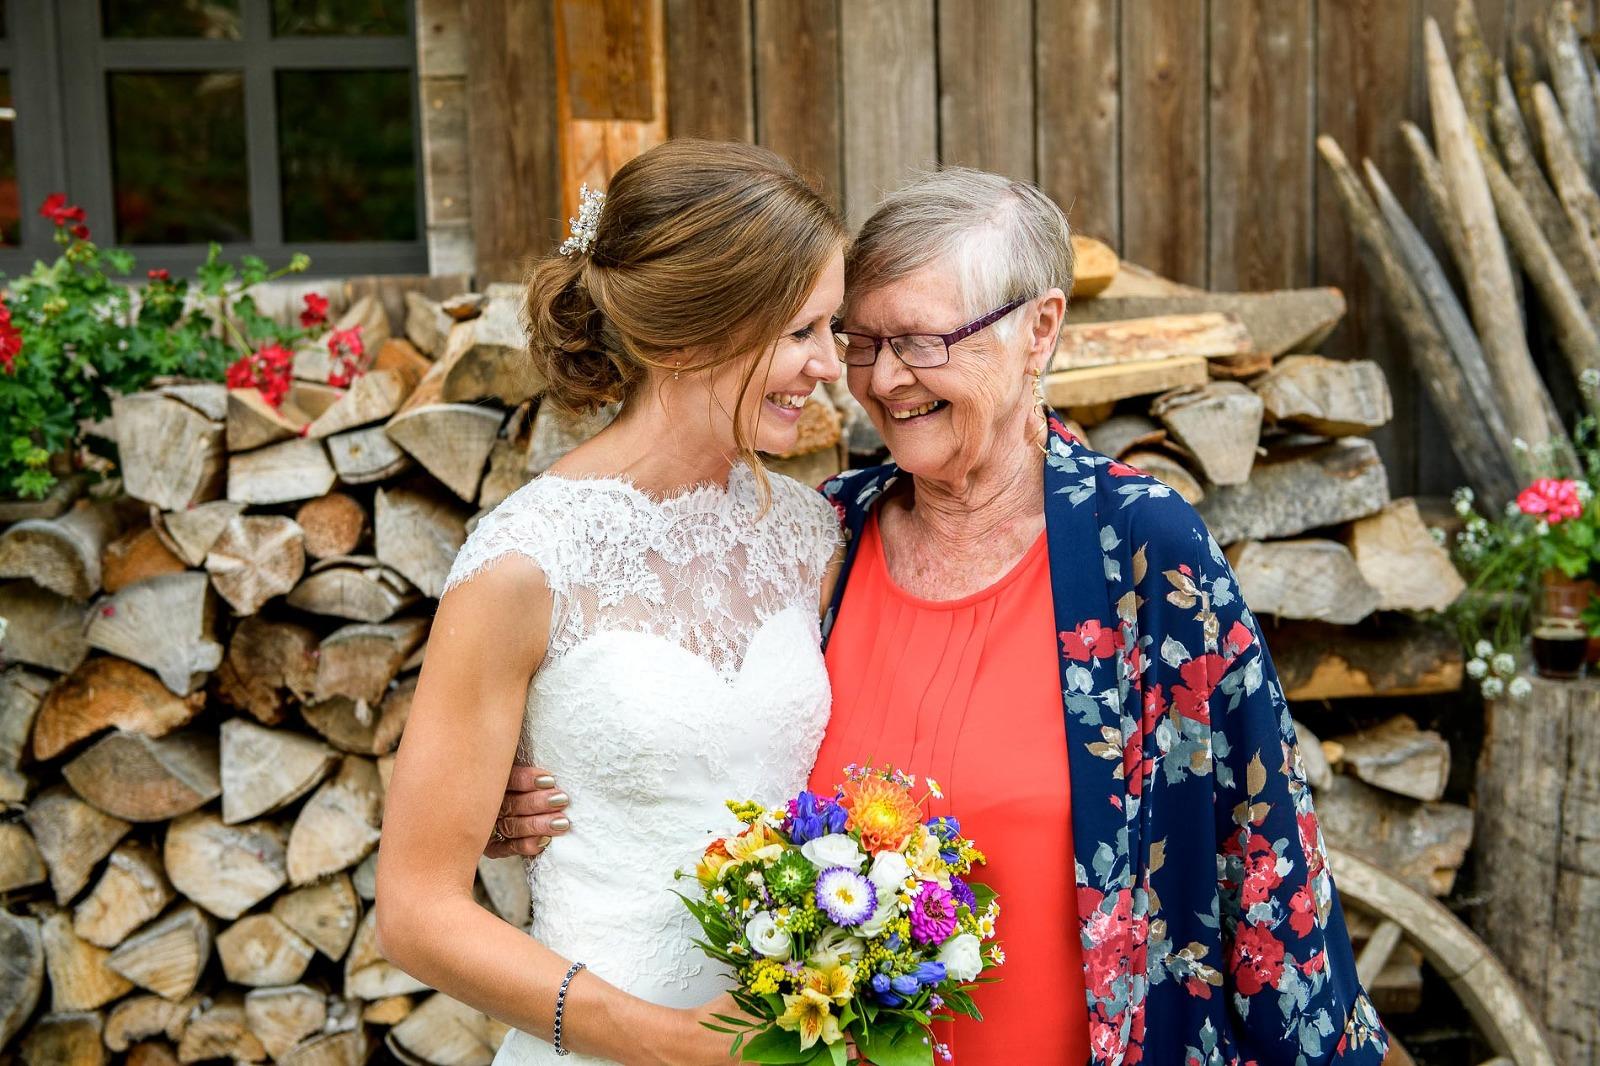 Hochzeits-Foto-Reportage München, Braut umarmt ihre Oma